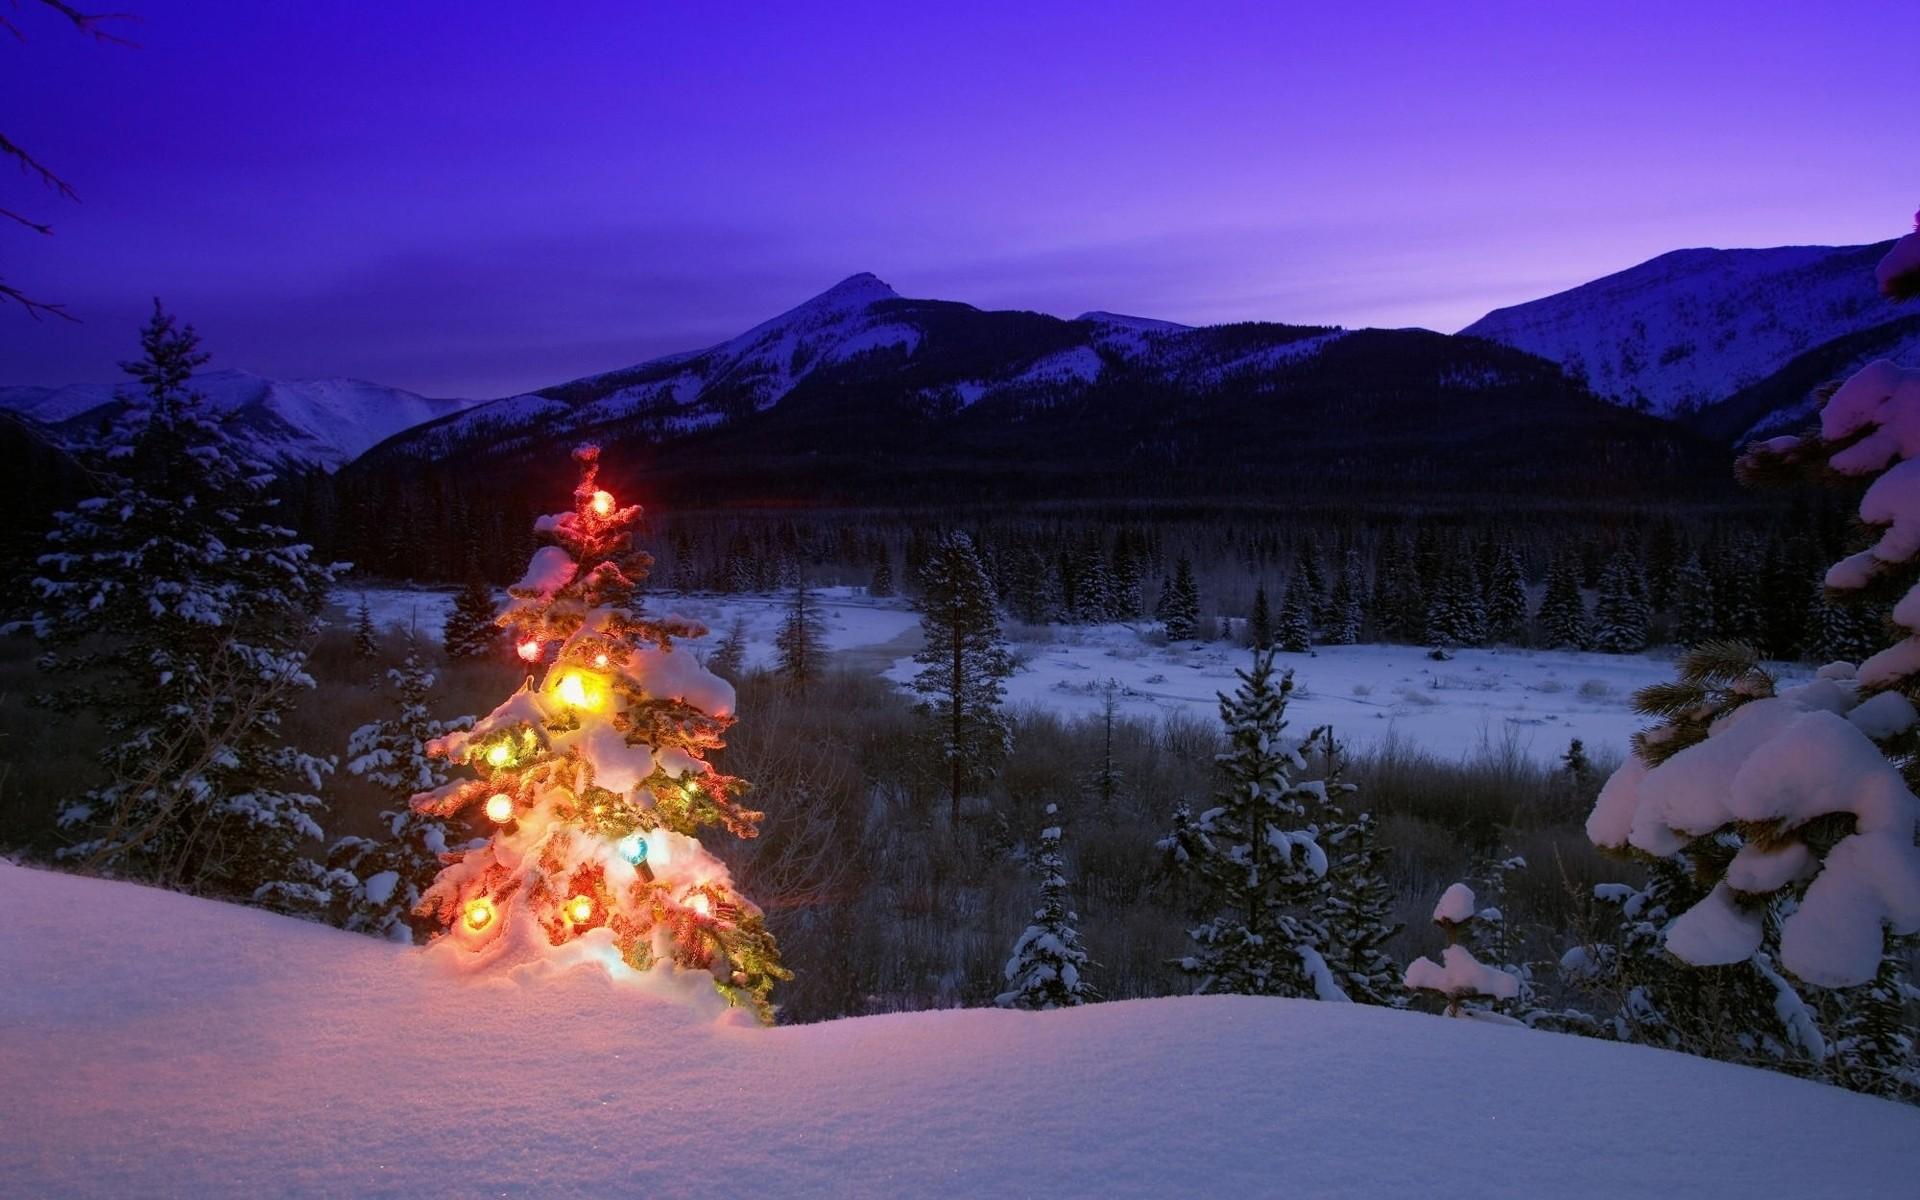 Amanecer con árbol de navidad - 1920x1200